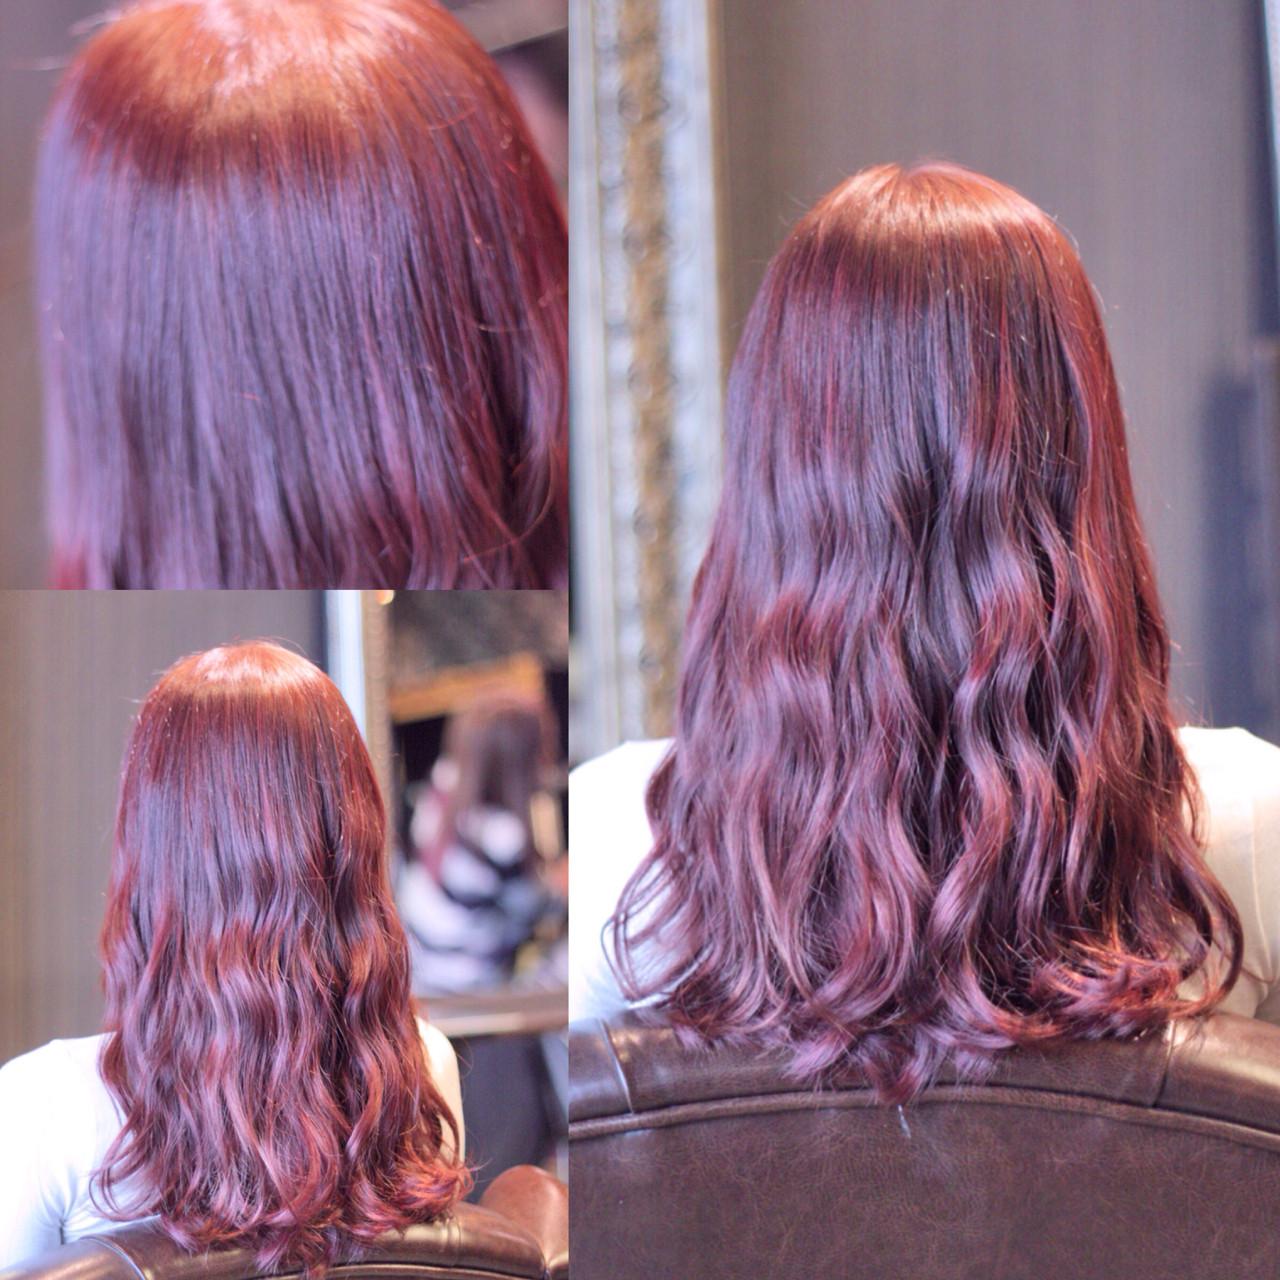 ピンク ウェットヘア ウェーブ ストリート ヘアスタイルや髪型の写真・画像